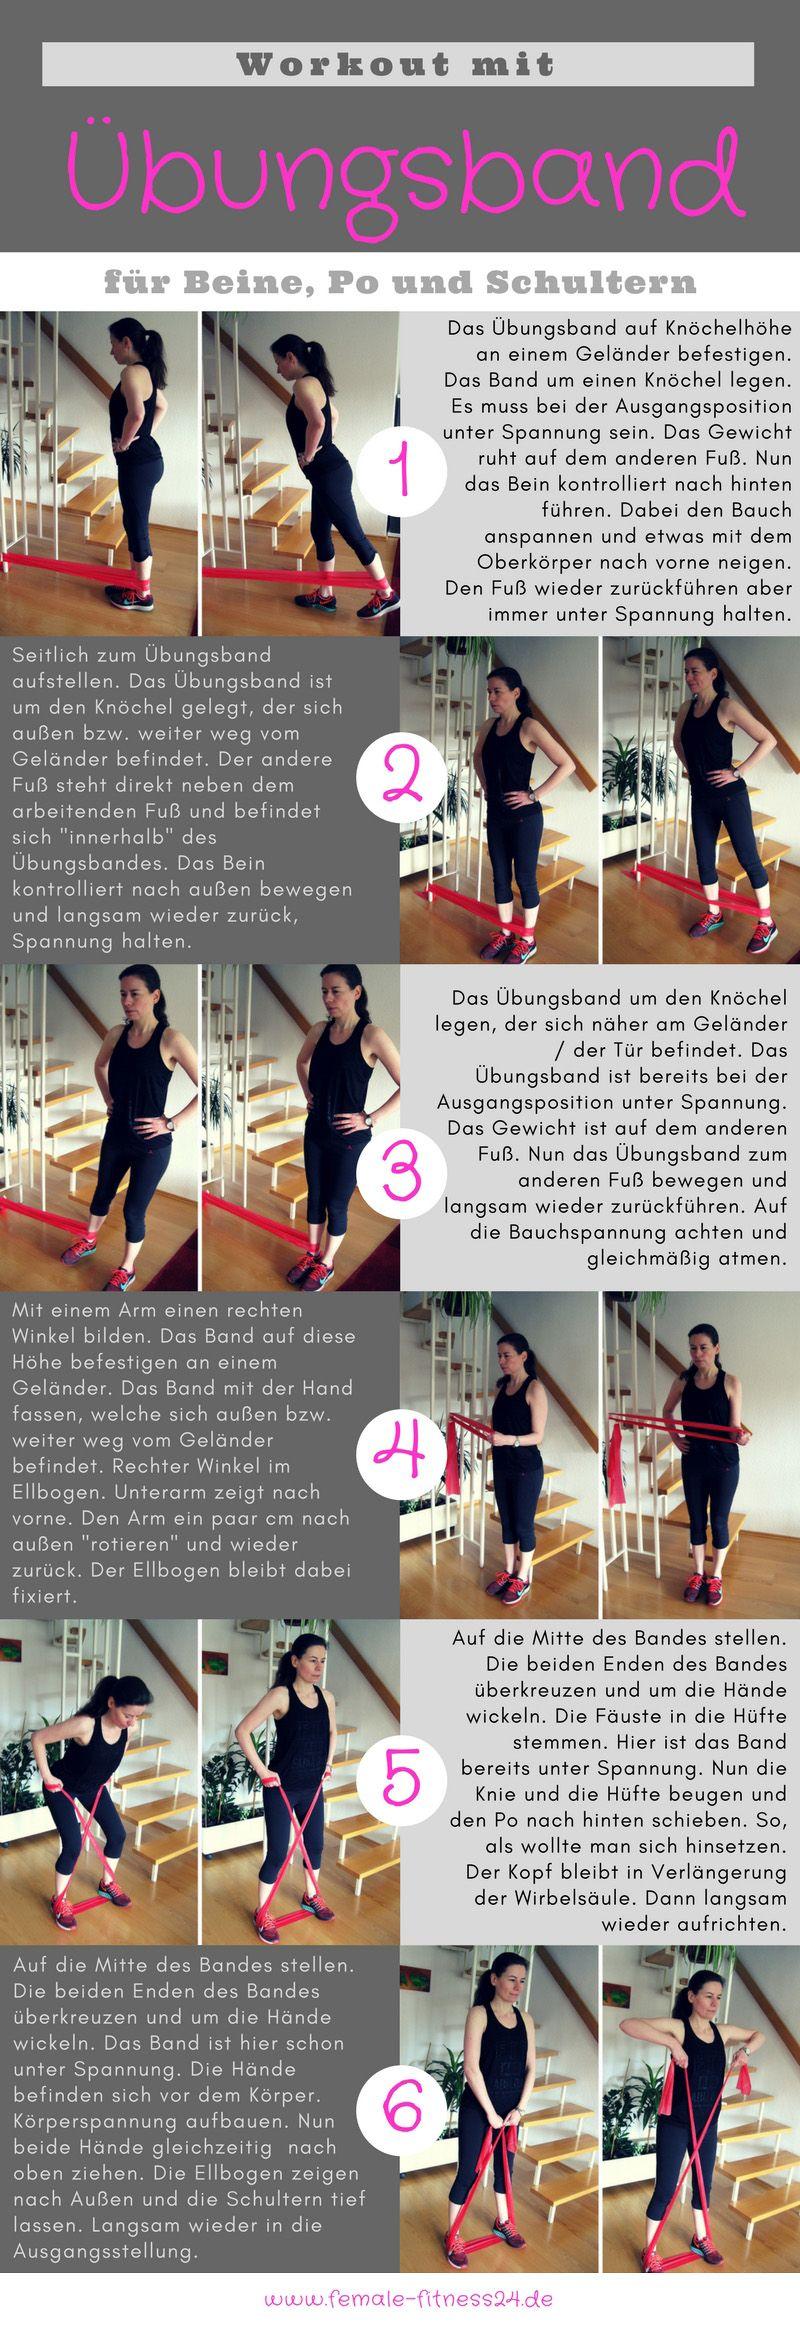 Workout mit dem Übungsband für Bauch Beine & Po Schultern